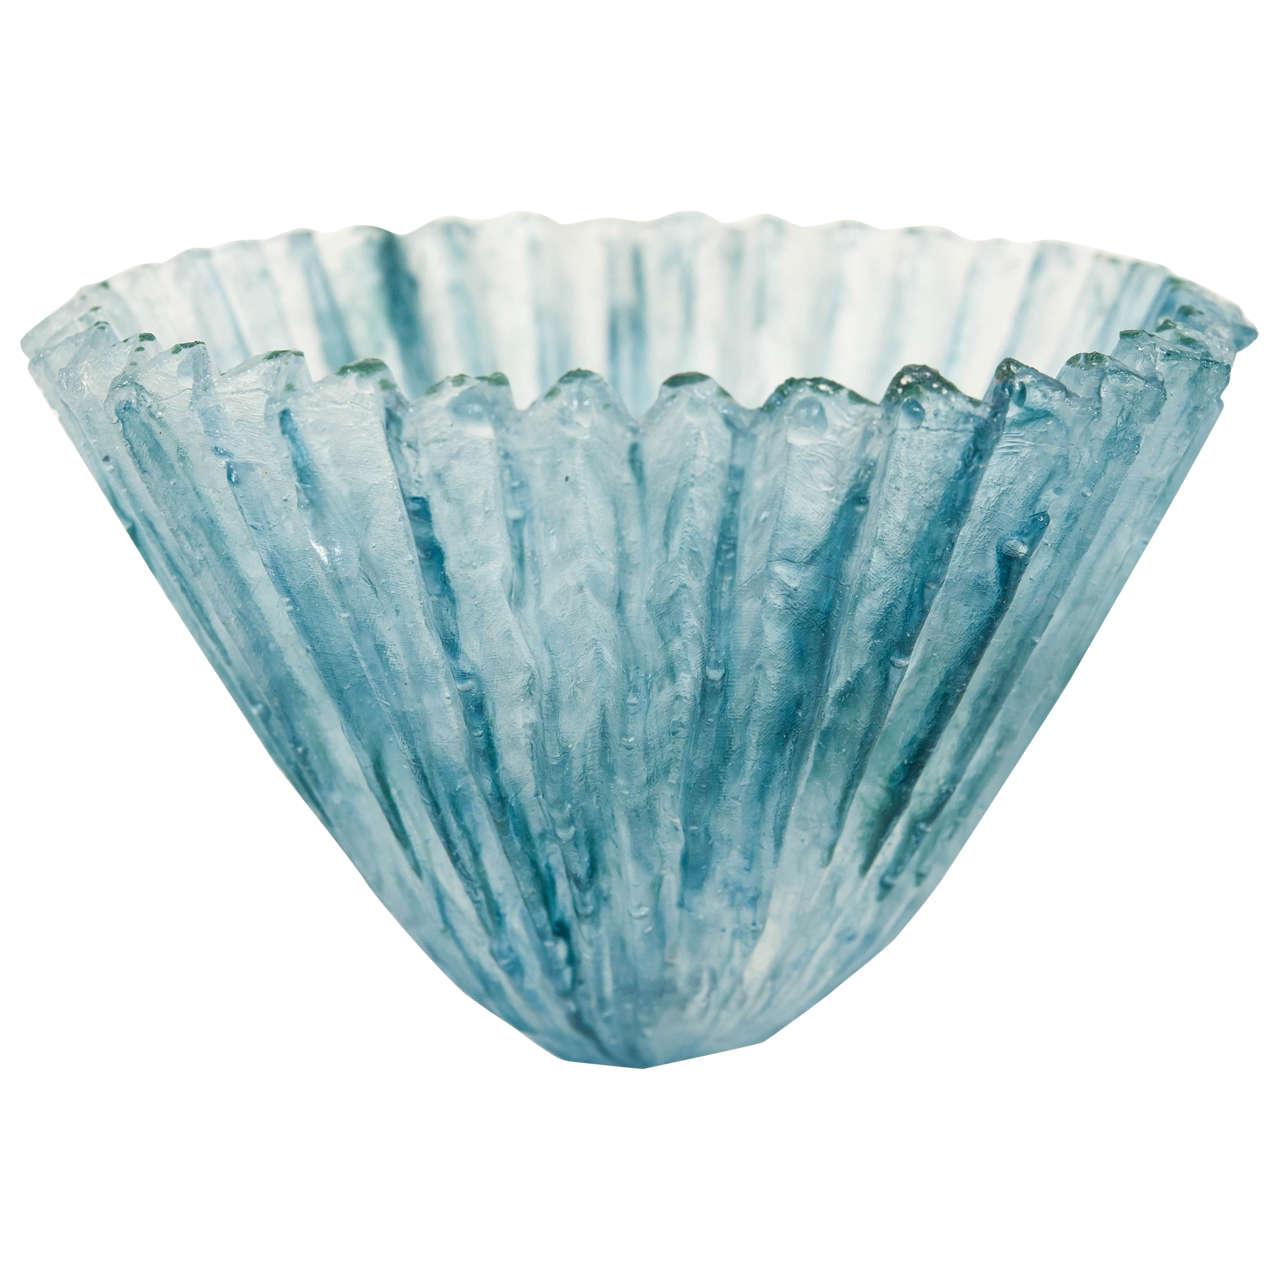 tessa clegg pate de verre vase for sale at 1stdibs. Black Bedroom Furniture Sets. Home Design Ideas